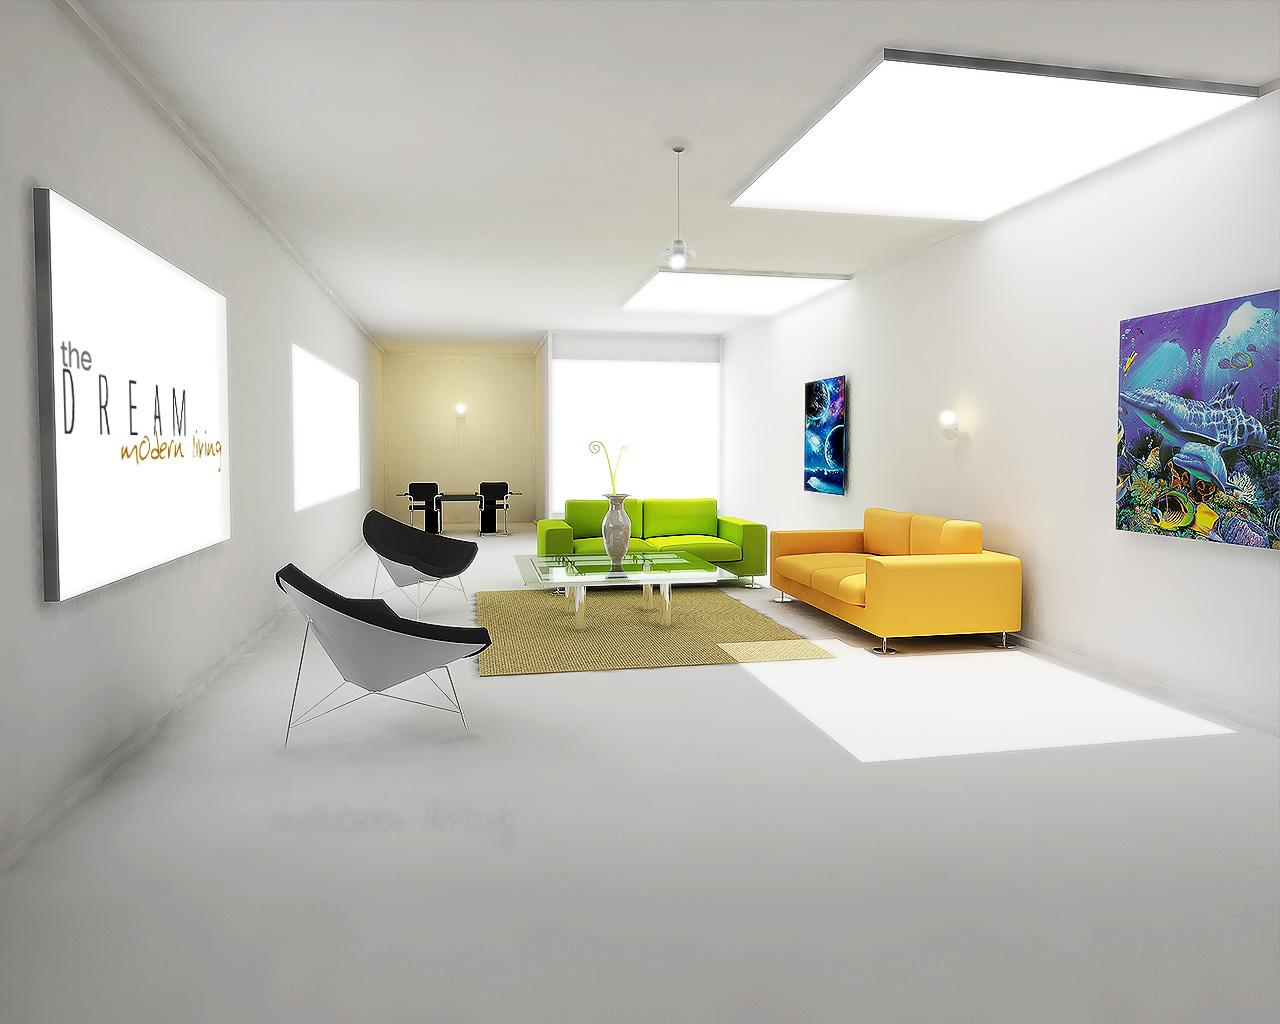 壁纸1280×1024时尚室内设计漂亮壁纸 壁纸4壁纸 时尚室内设计漂亮壁纸壁纸图片建筑壁纸建筑图片素材桌面壁纸